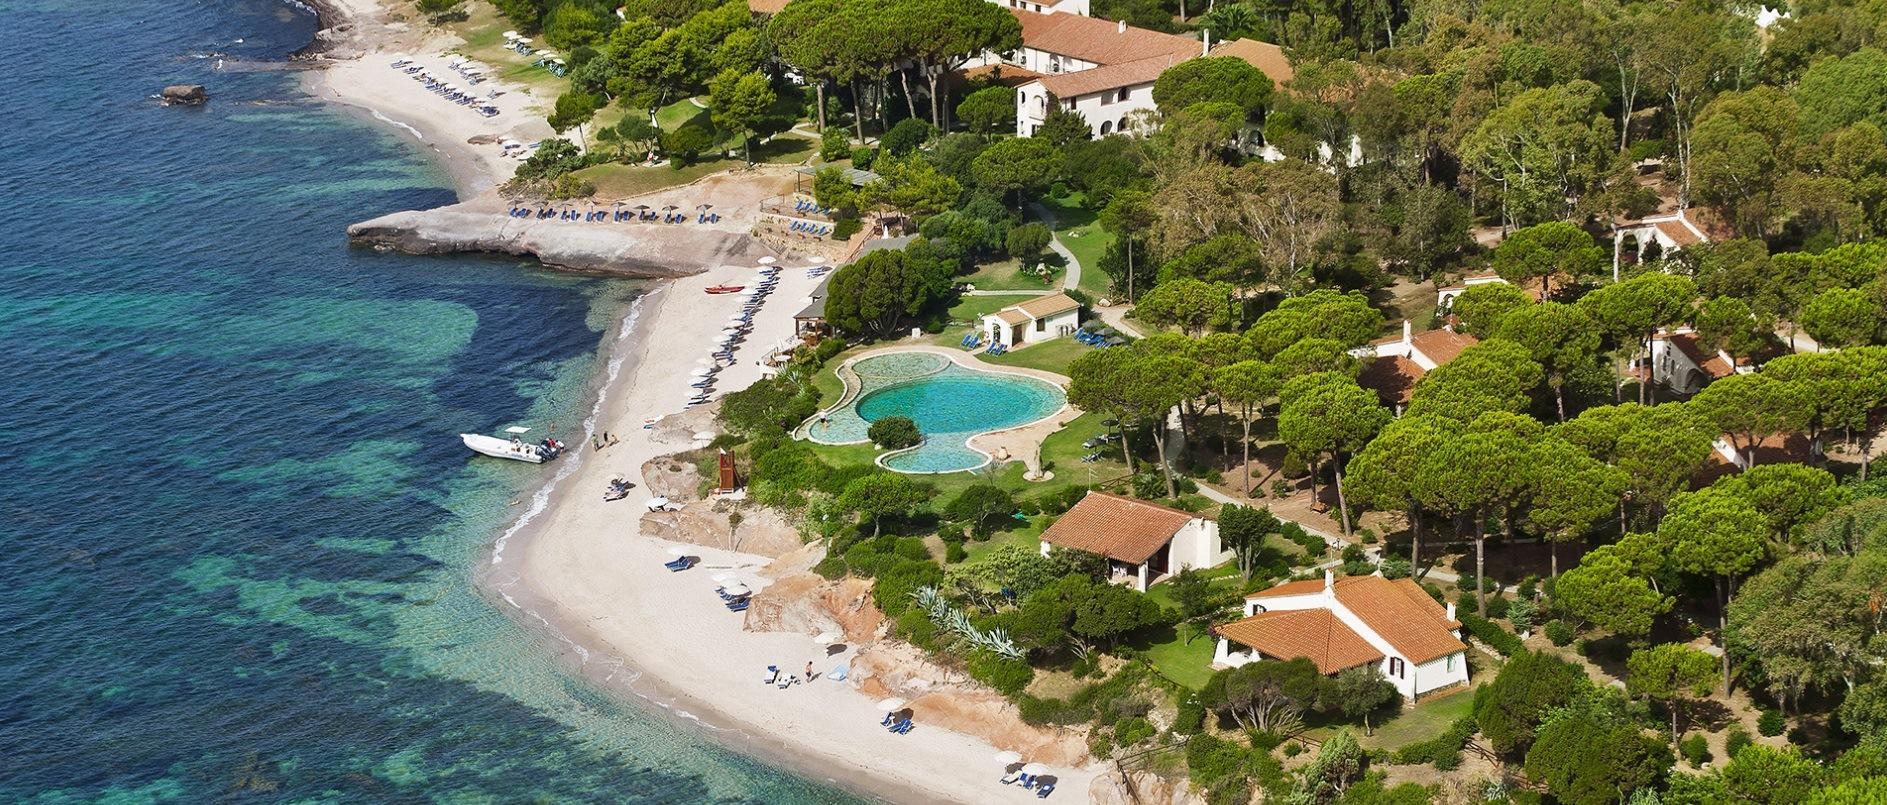 Villa Plutoni